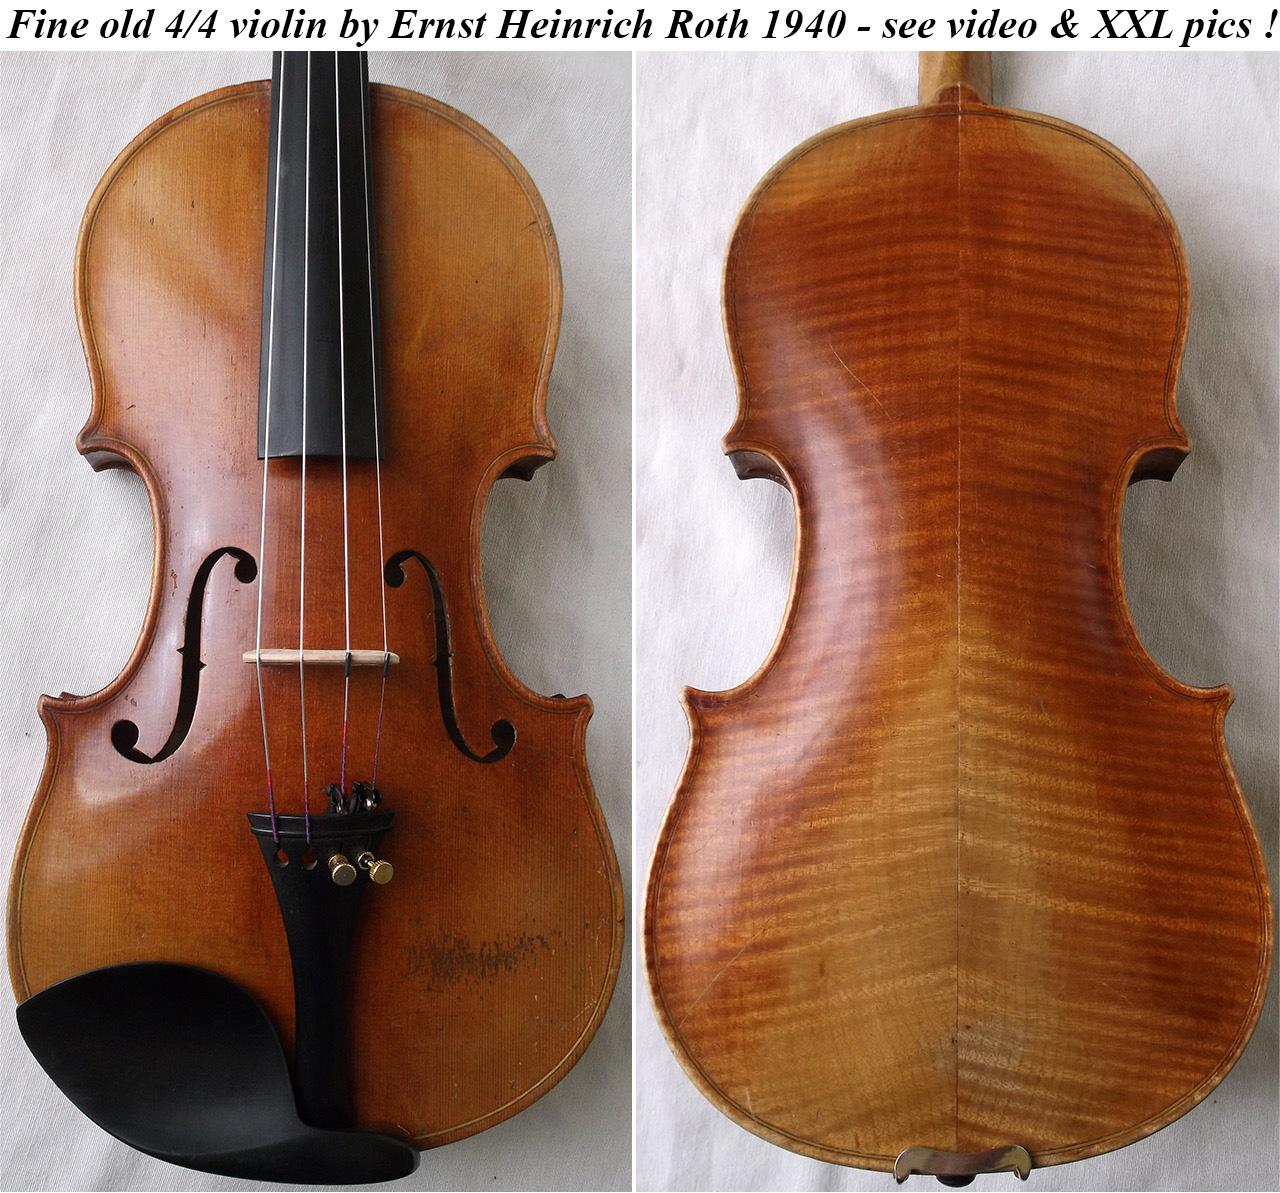 ernst heinrich roth violin